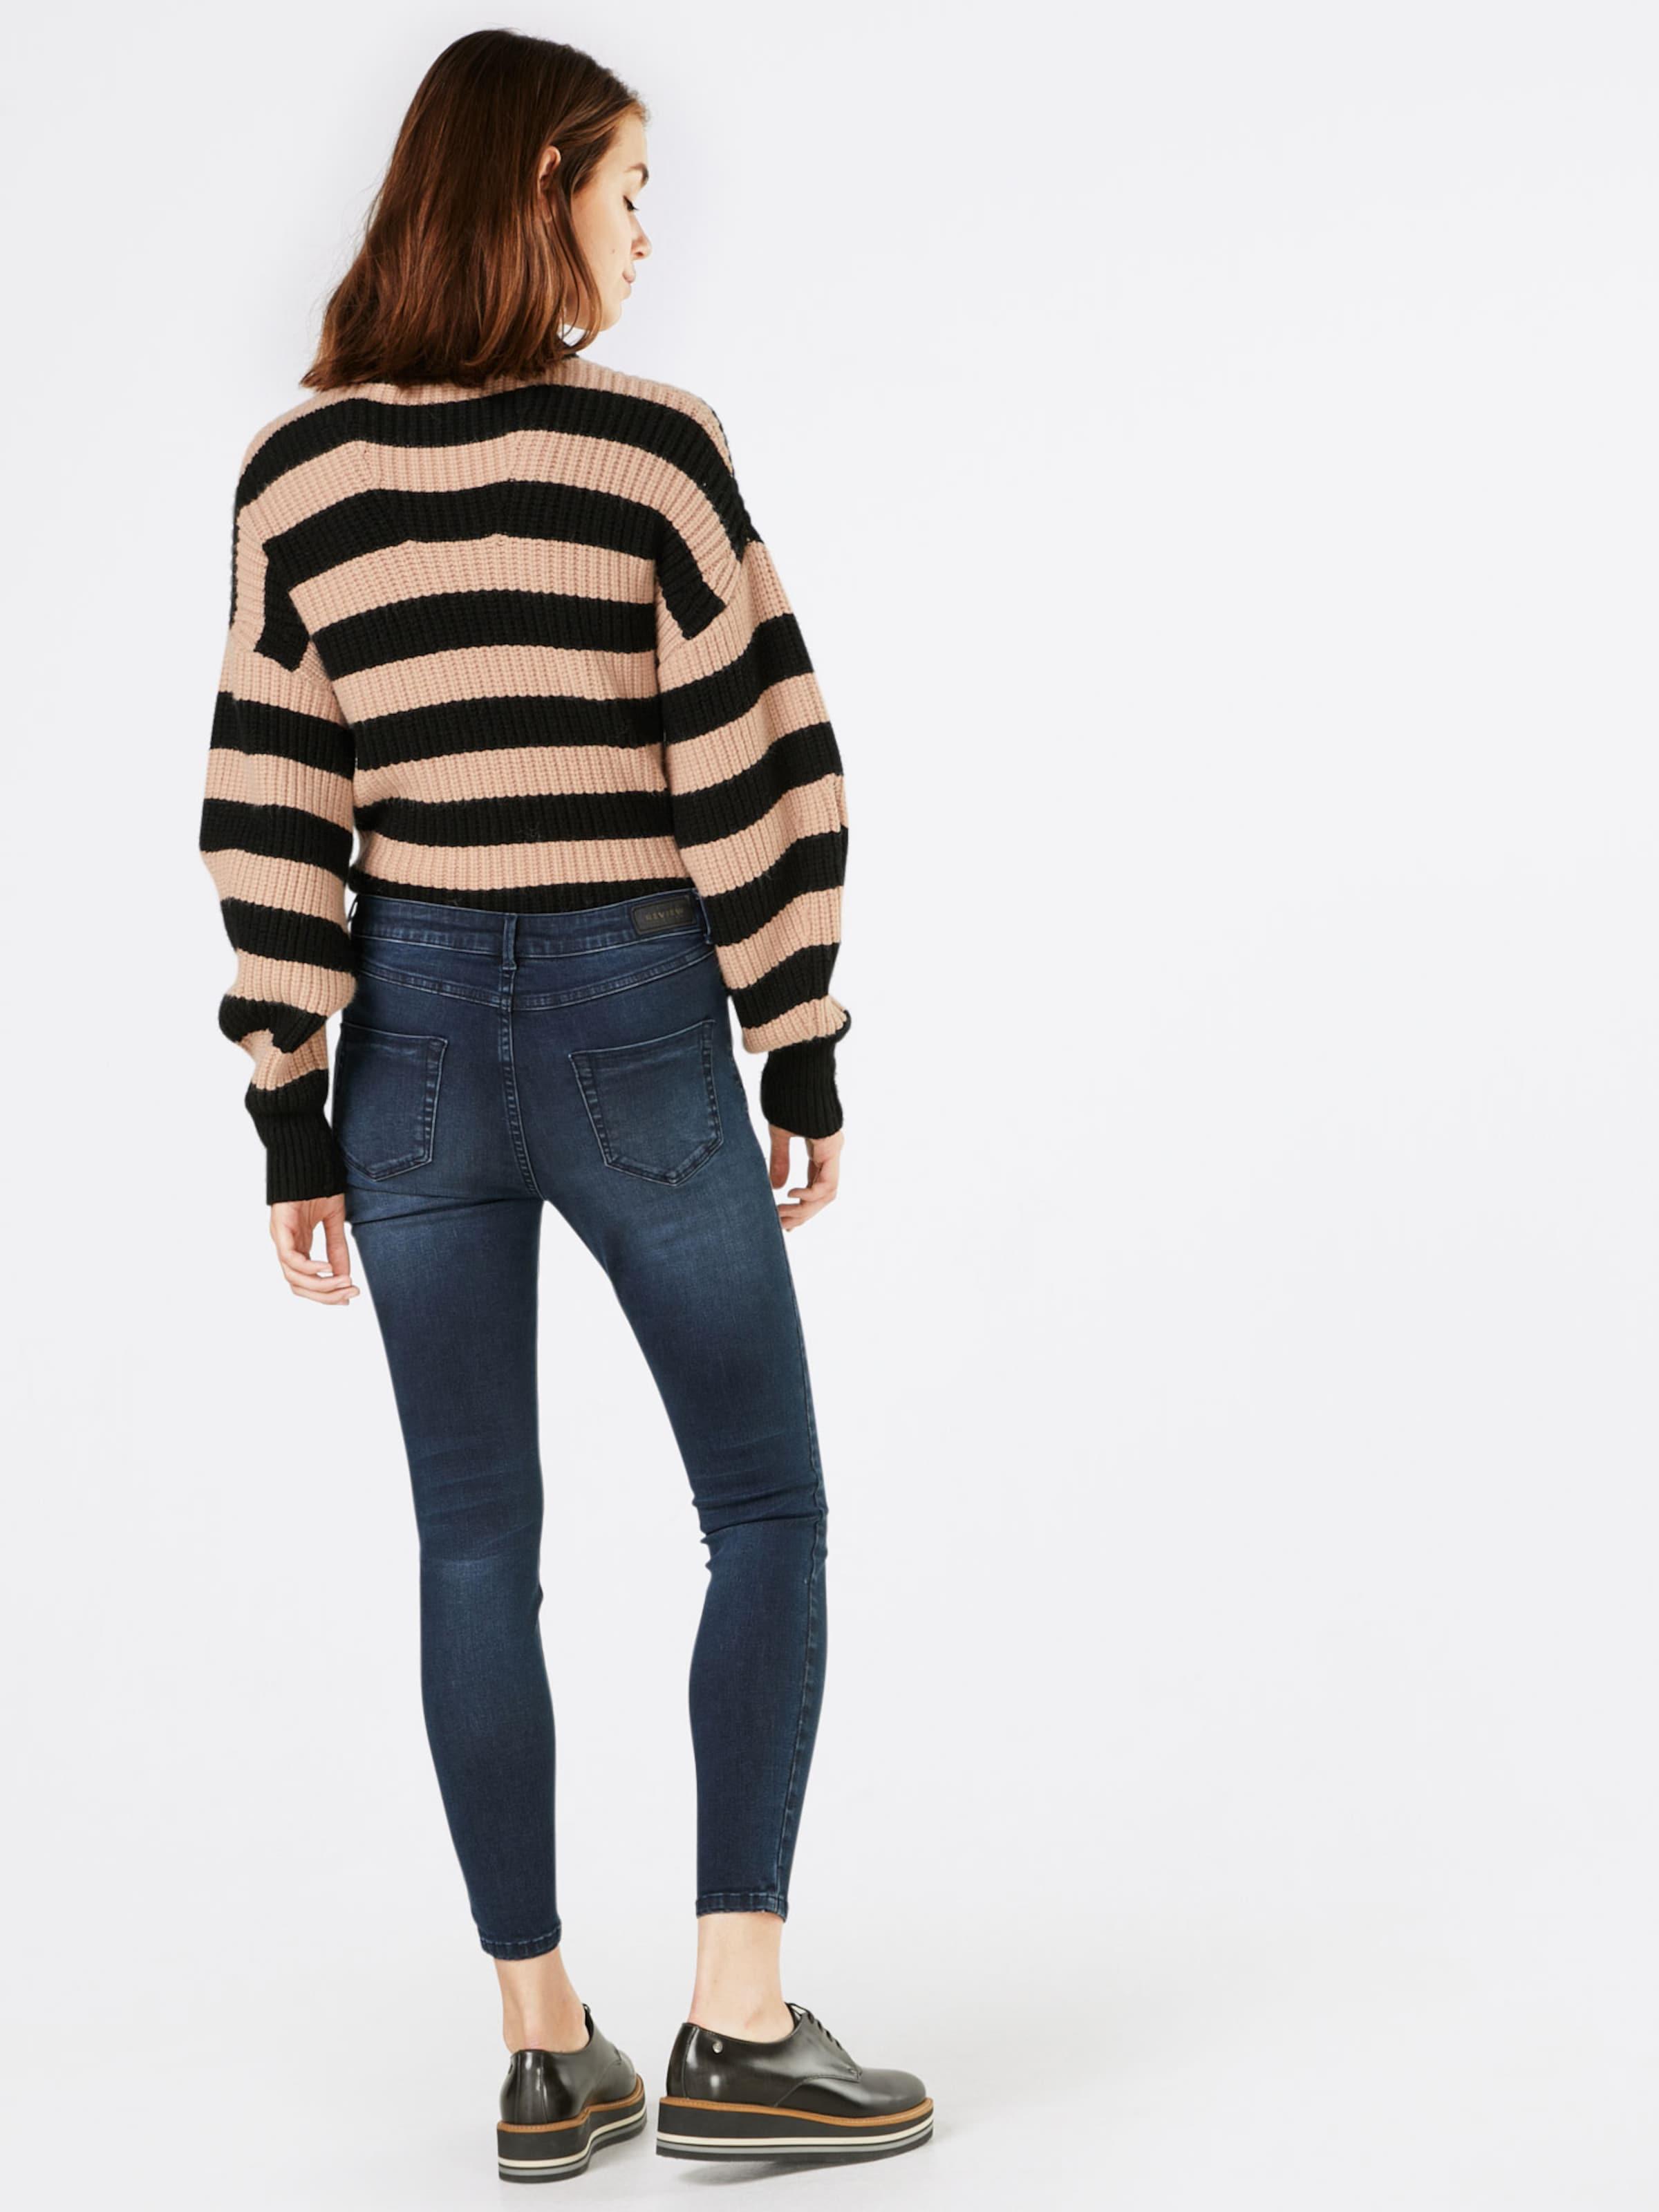 Verkauf Größten Lieferanten Niedrig Versandkosten Günstig Online Review Highwaist Jeans Billig Original Freies Verschiffen Günstig Online z7cSztByAM